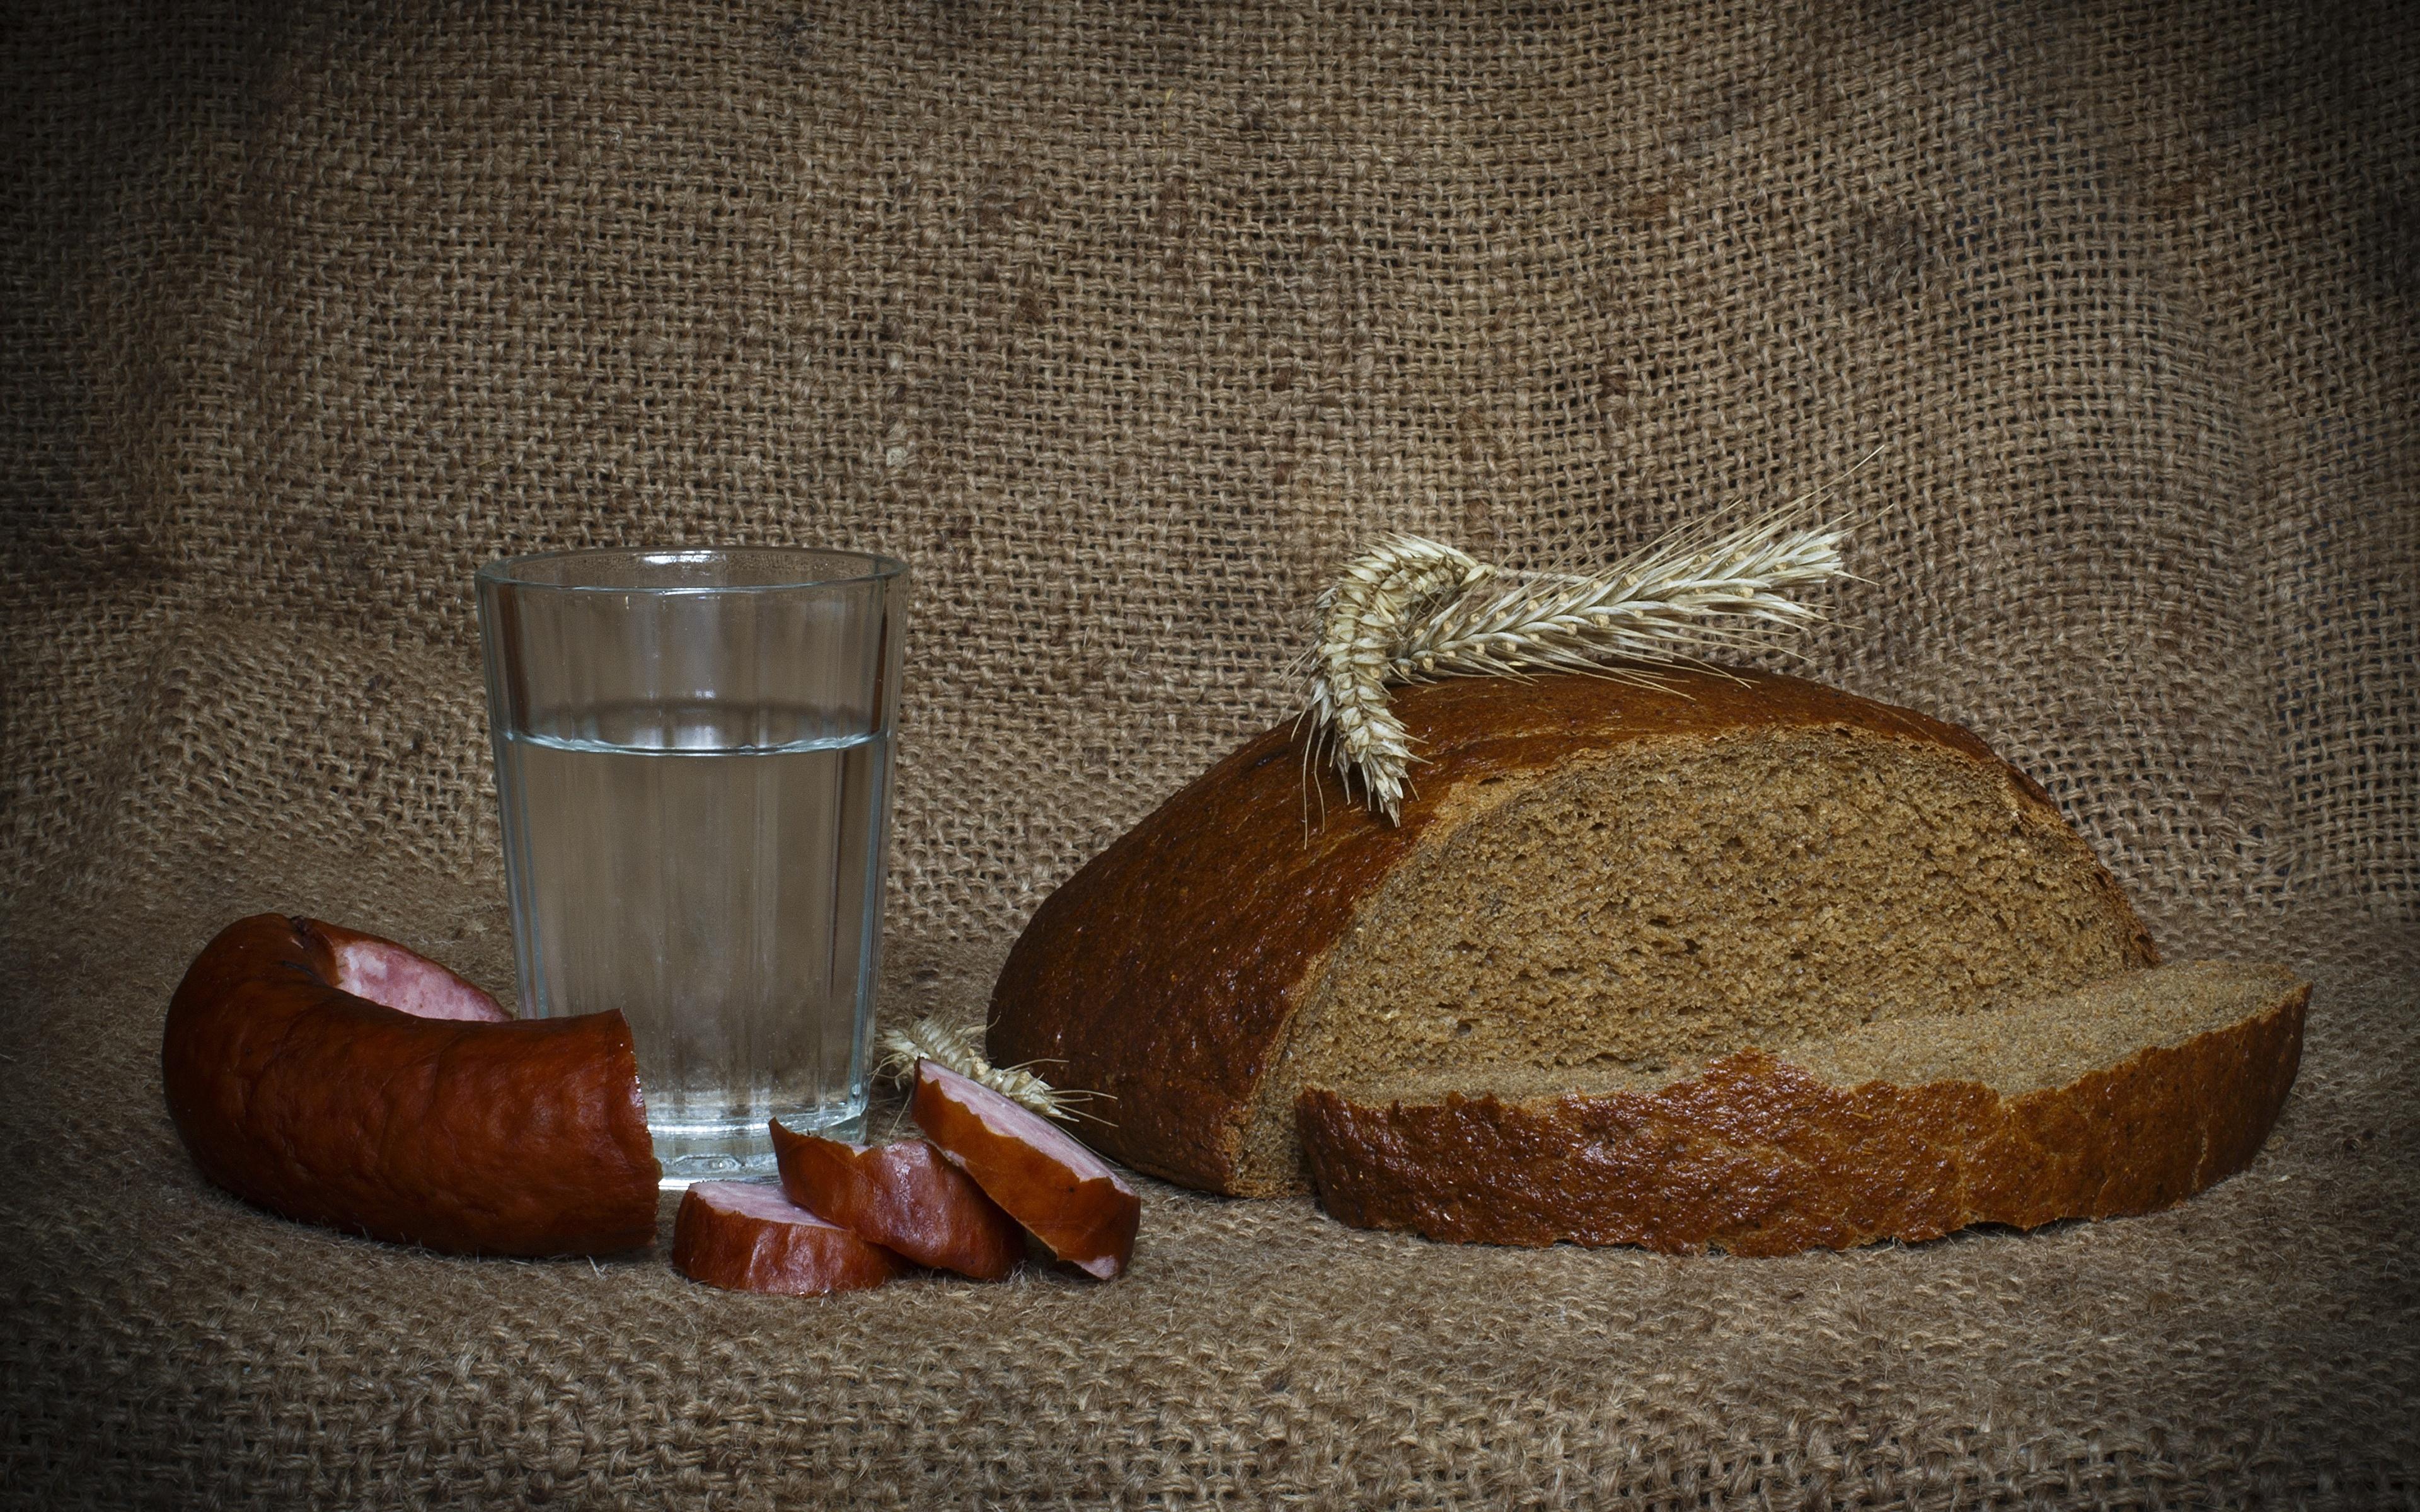 Обои Водка Колбаса Хлеб Стакан колоски Еда Нарезанные продукты 3840x2400 Колос колосья колосок стакана стакане Пища нарезка Продукты питания